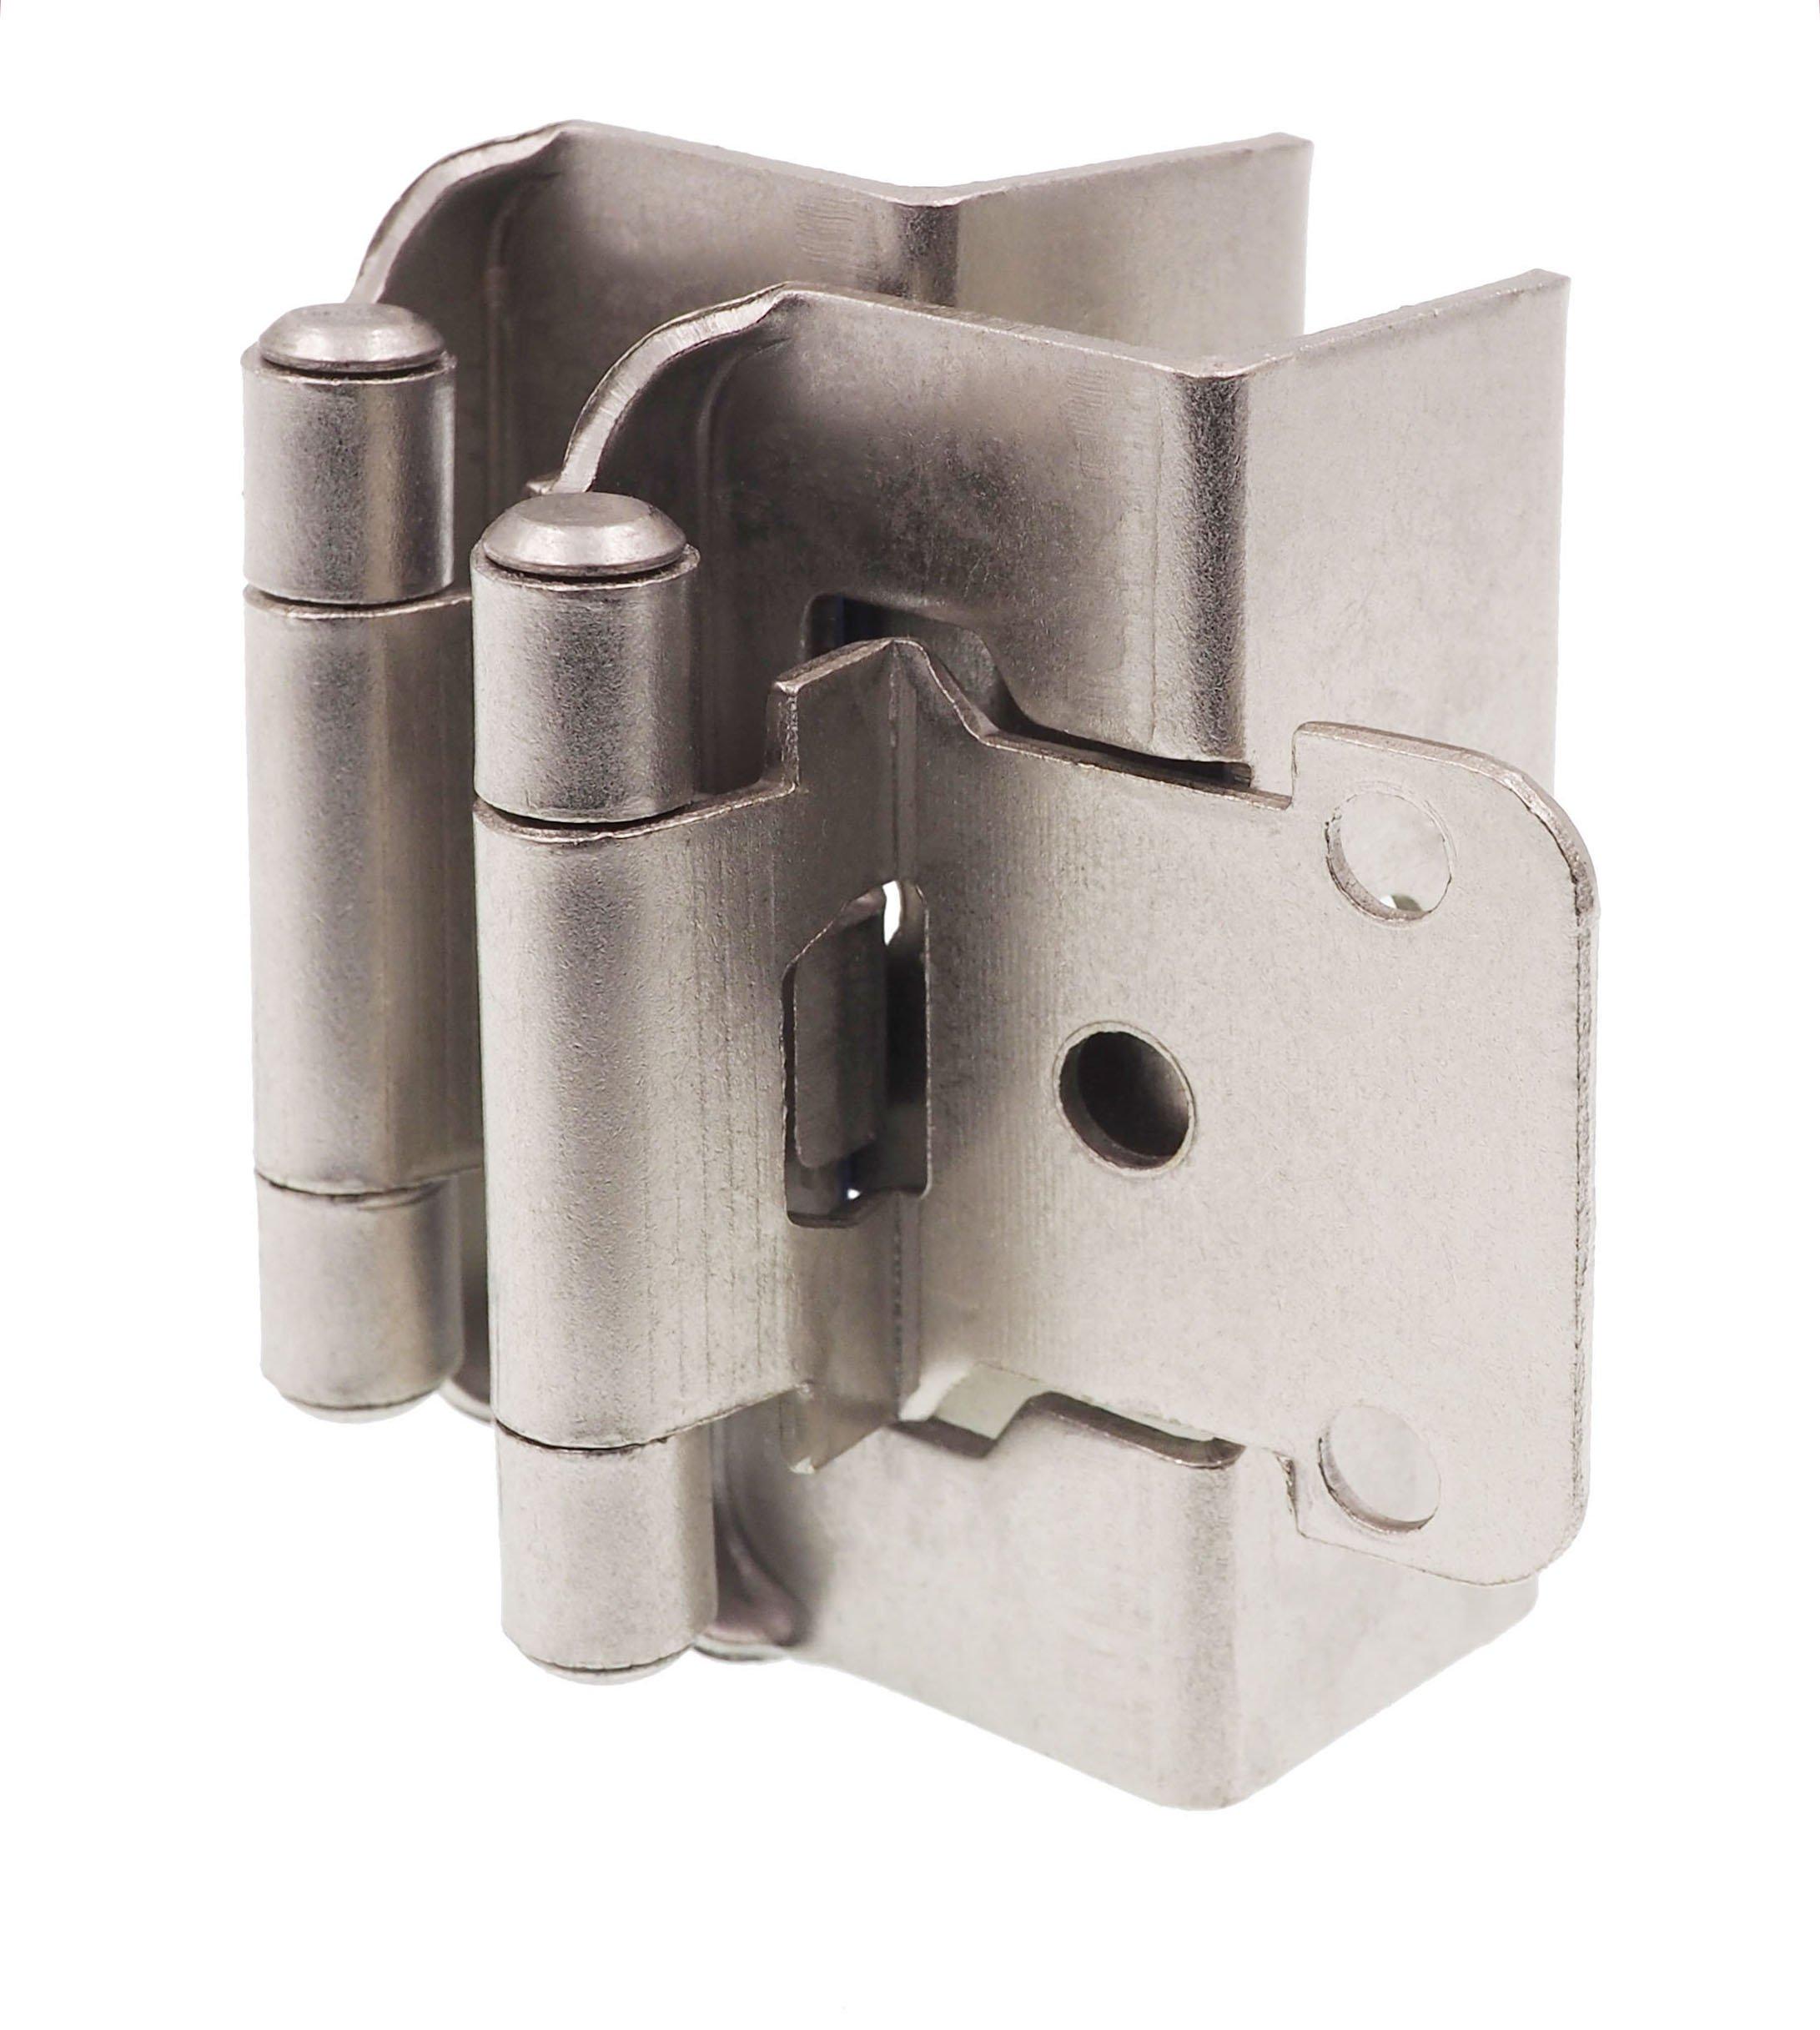 lapcon productdetails soft damper type hinges cabinet cfm v mortise products close dampers ldd door